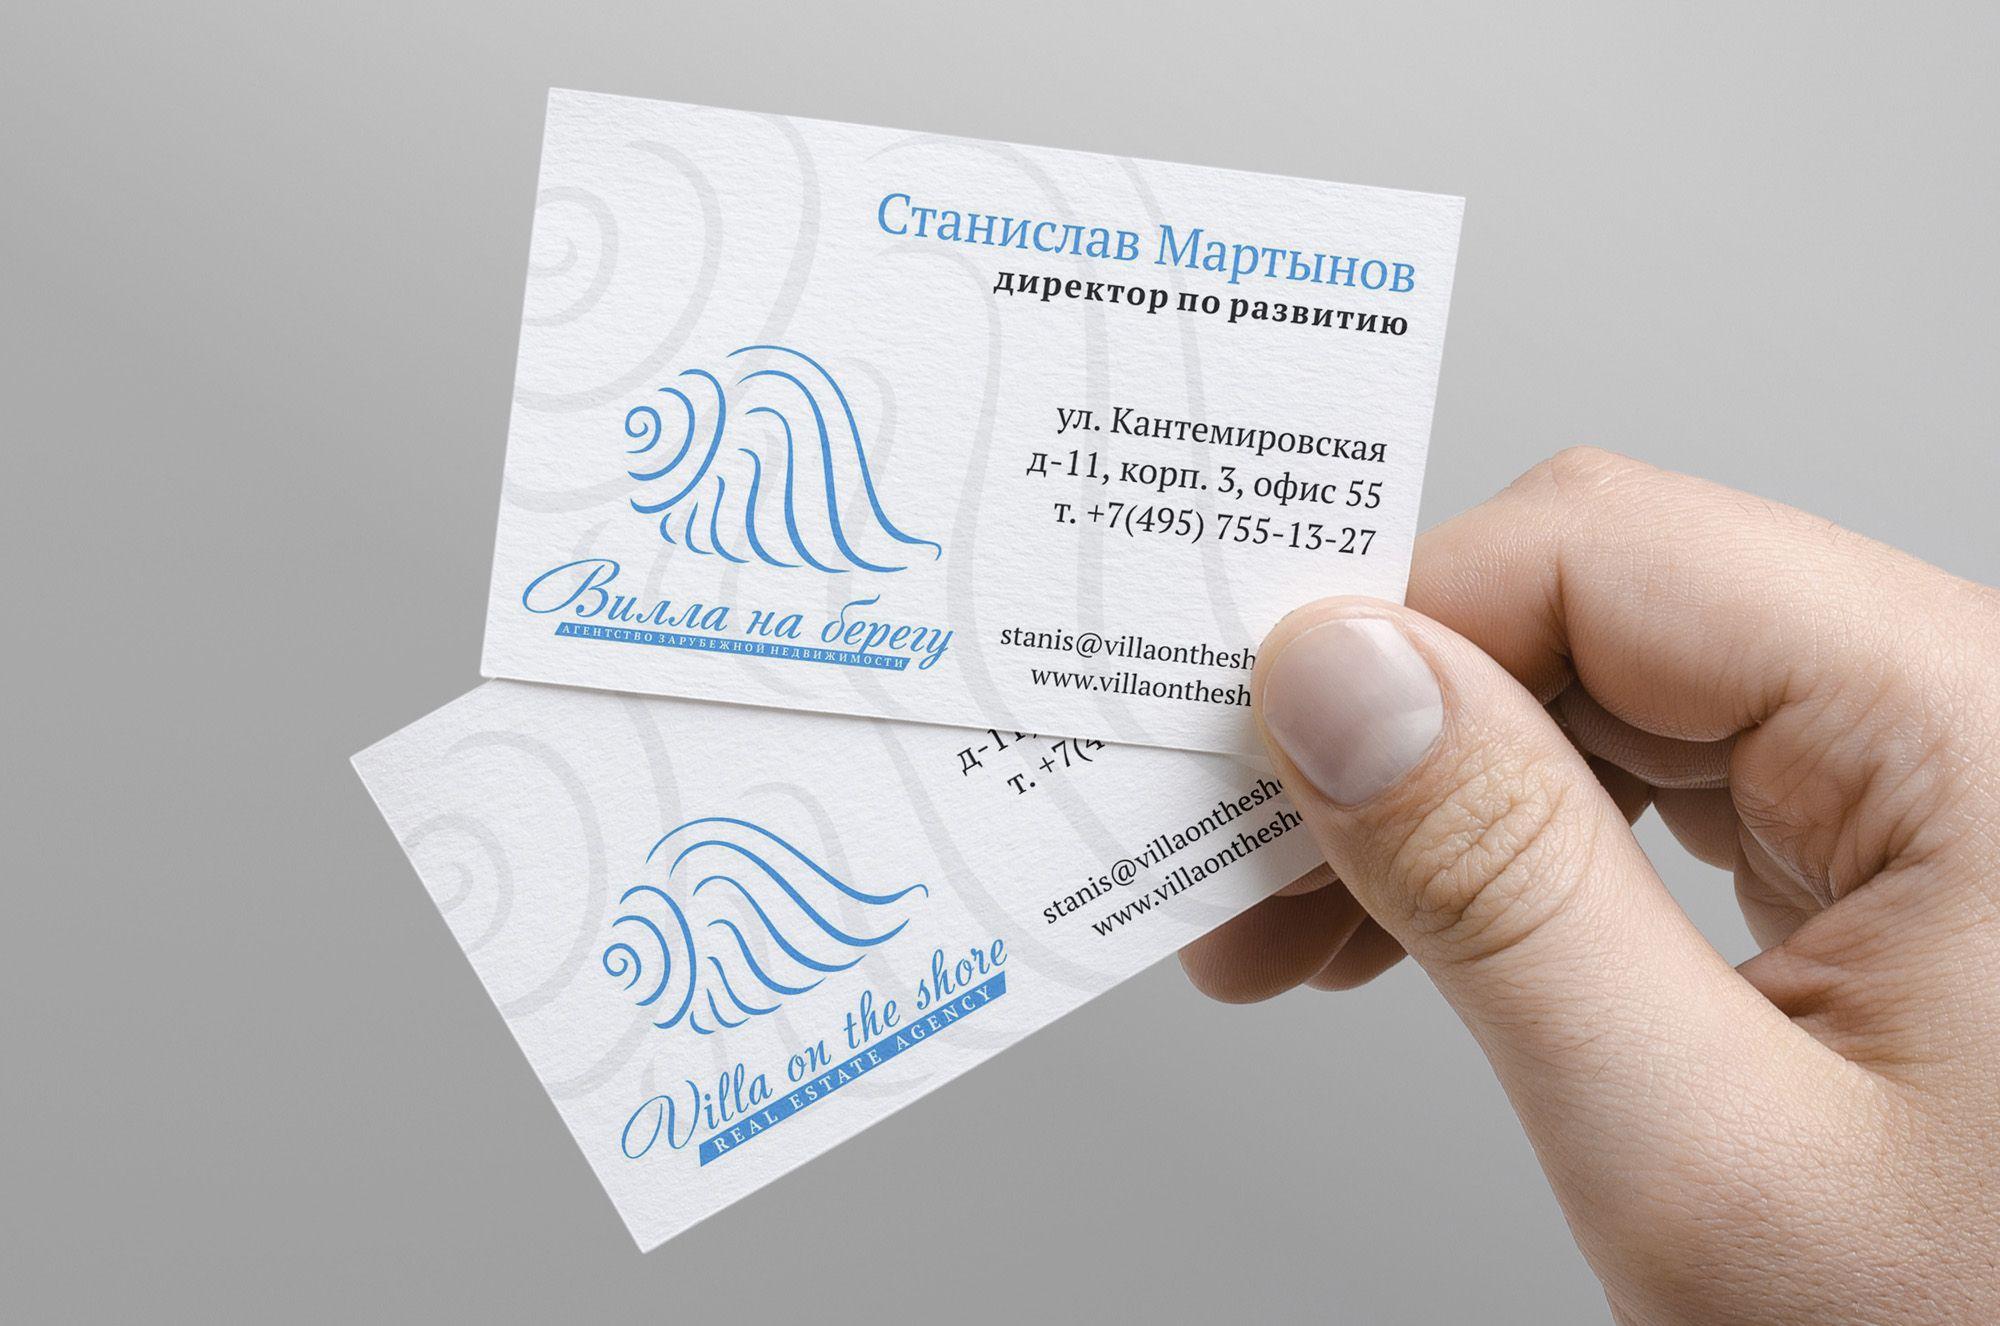 Фирстиль для агентства зарубежной недвижимости - дизайнер Nanoarrow